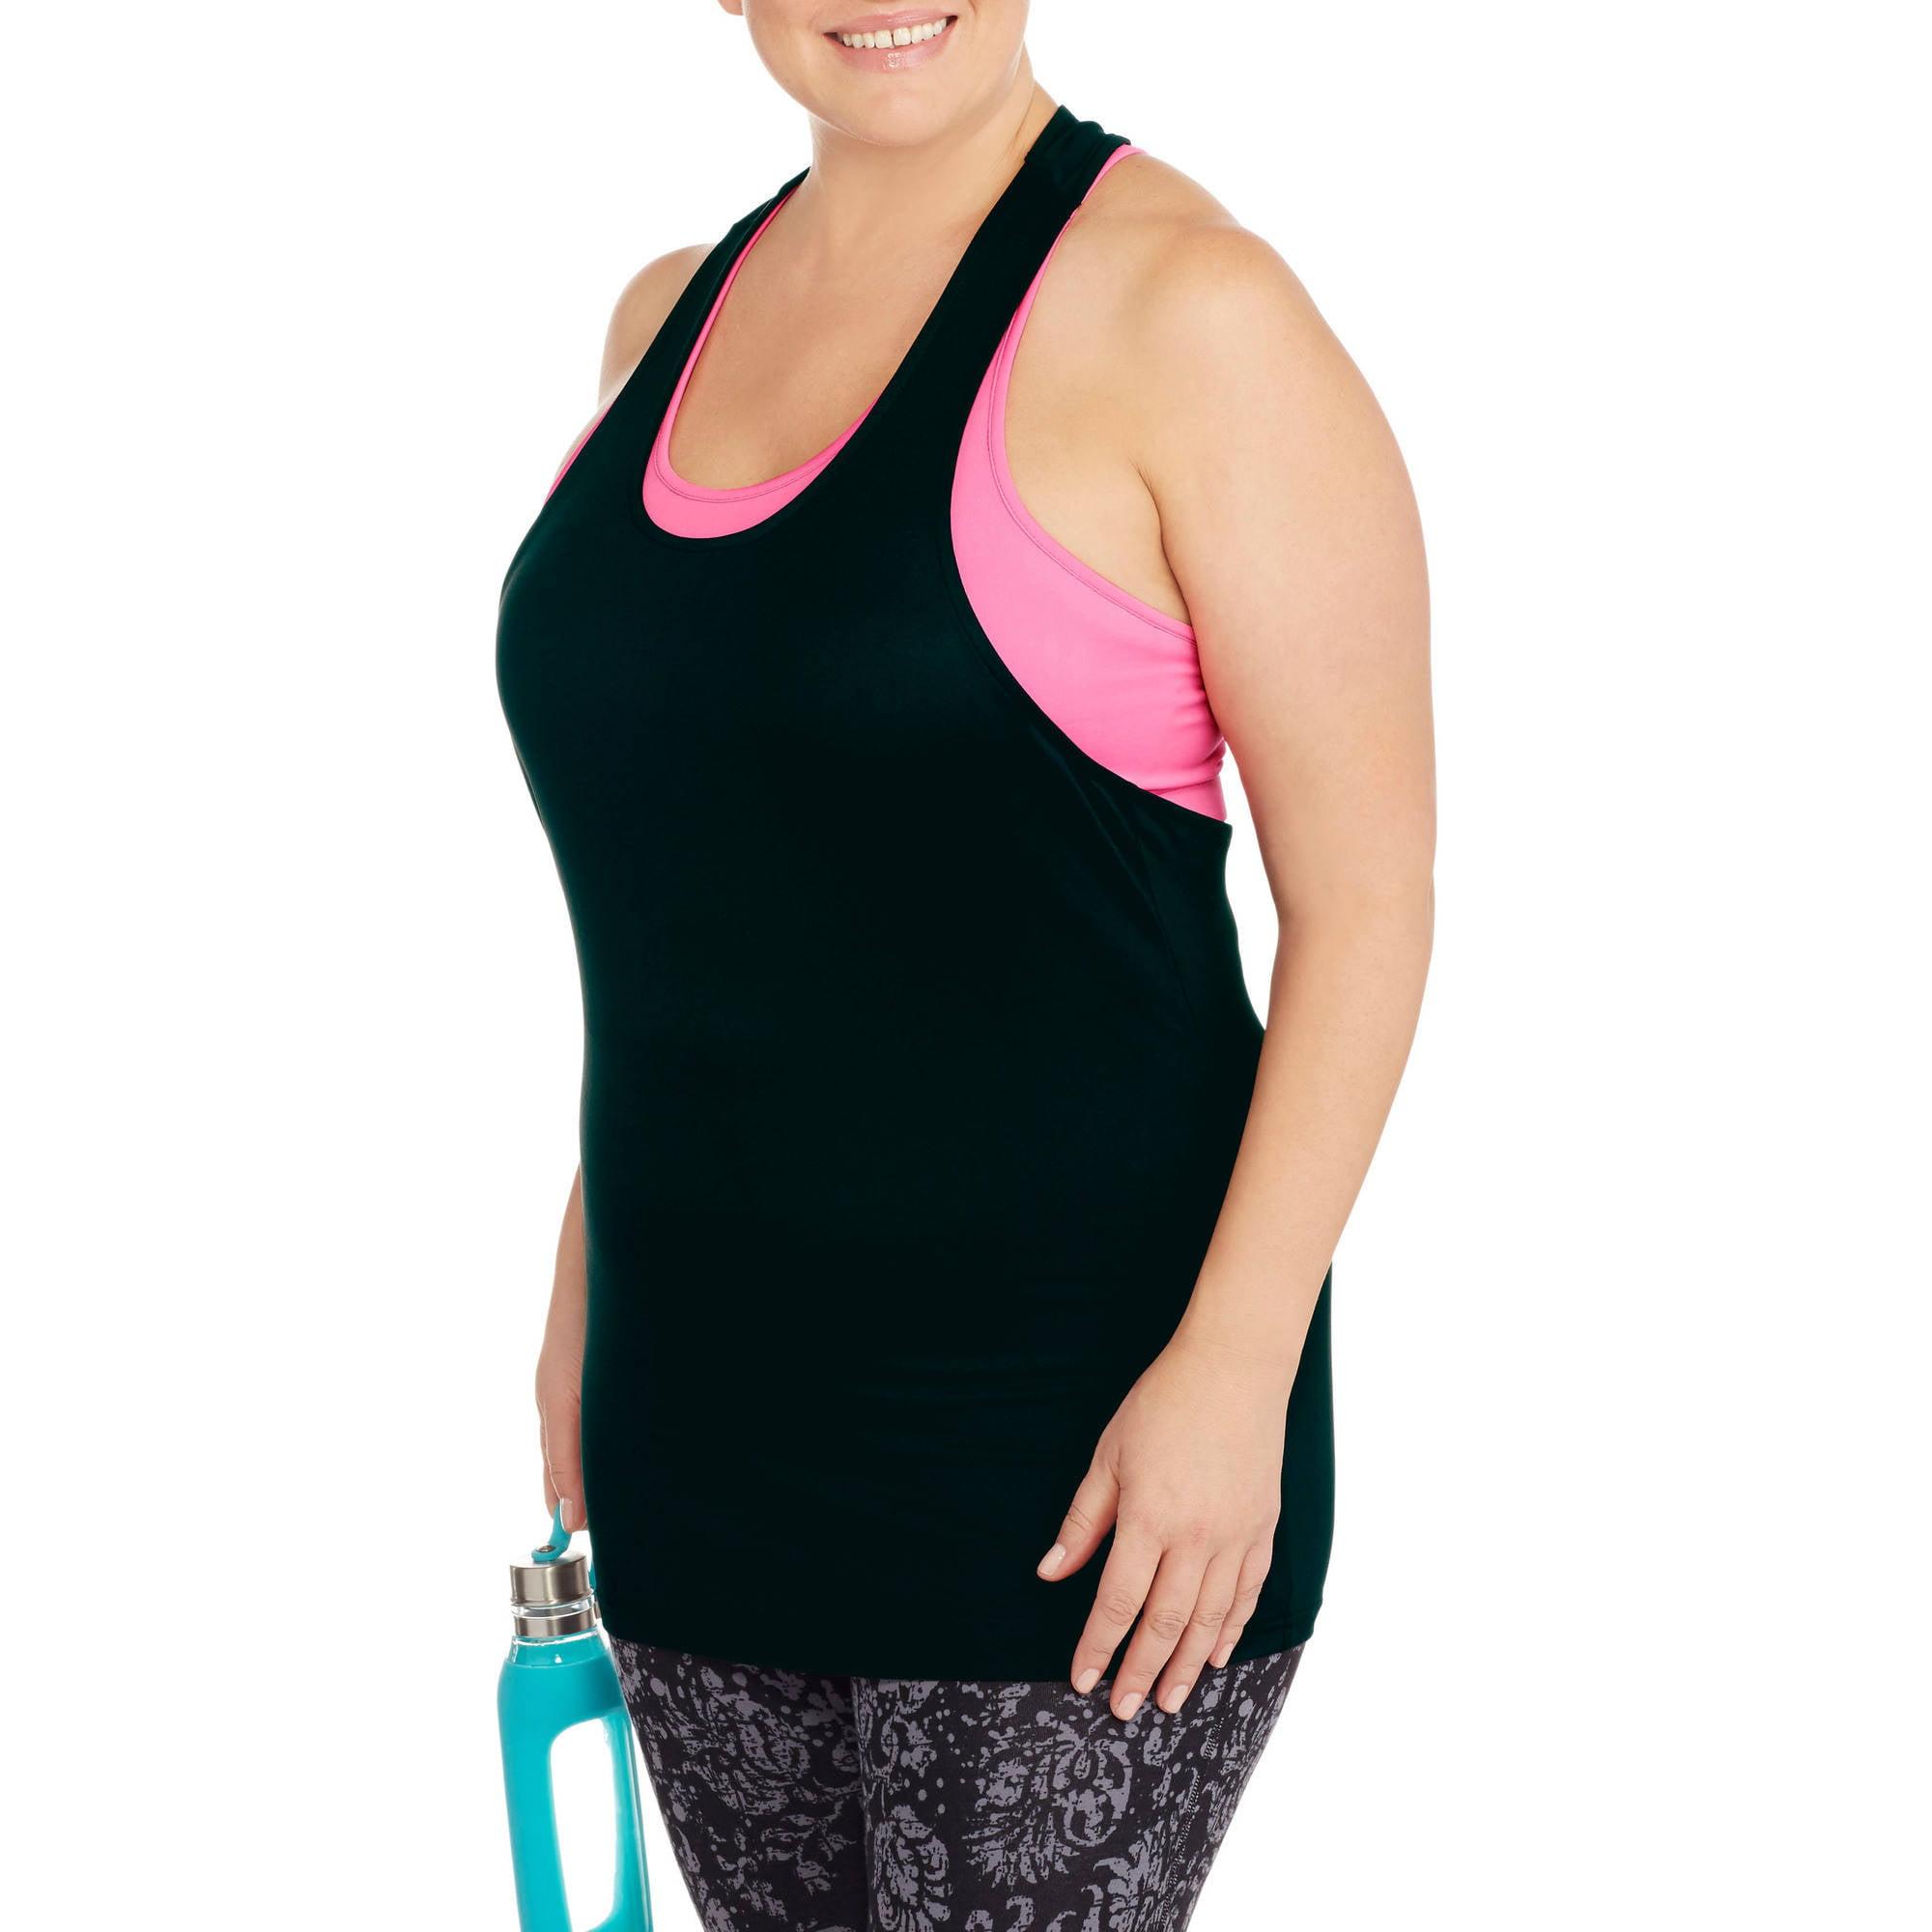 Women's Plus-Size  2 Pc Color Contrast Bra / Tank